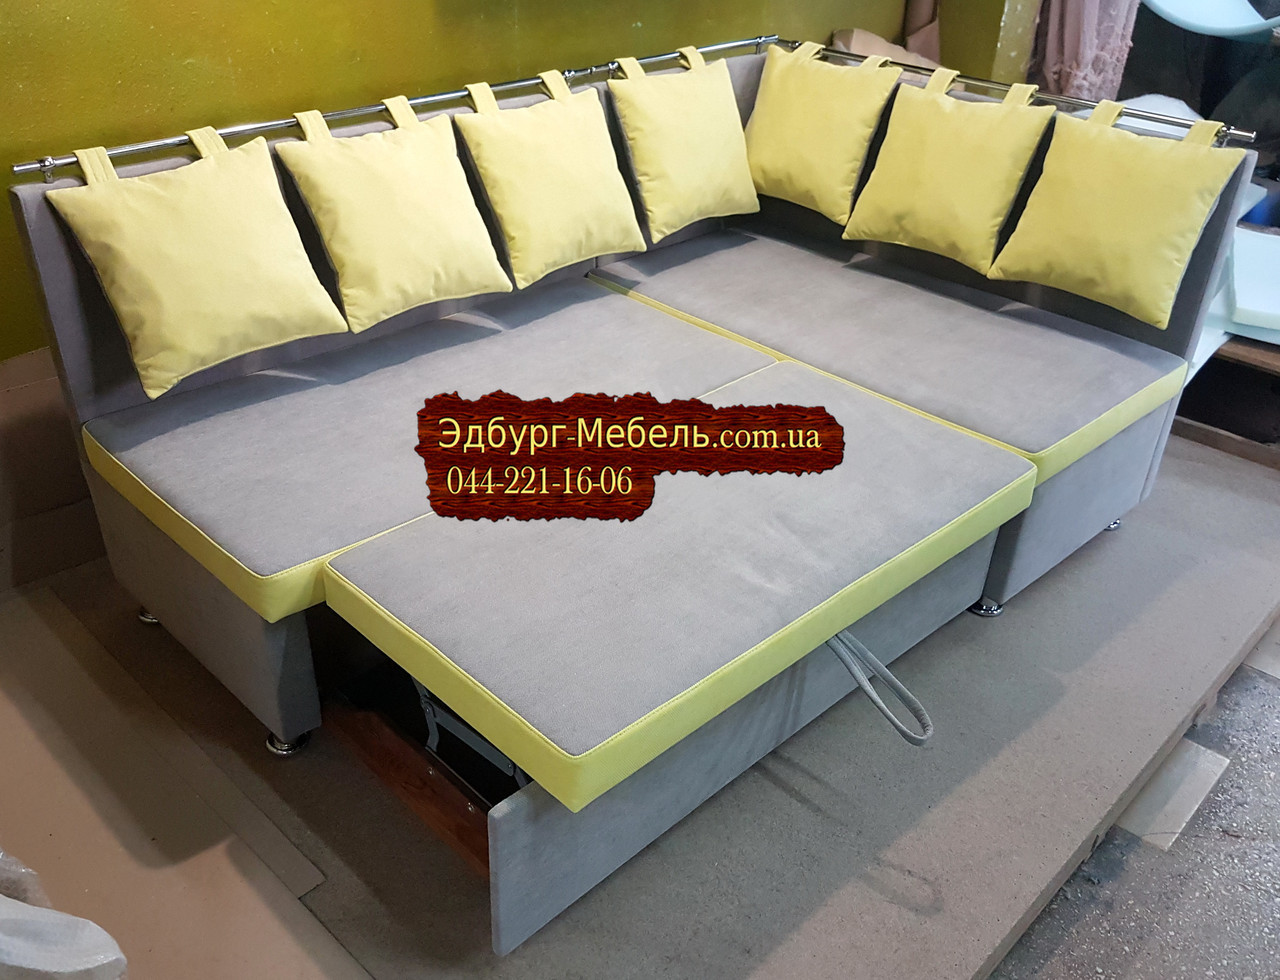 Кухонный уголок с подушками в рисунок